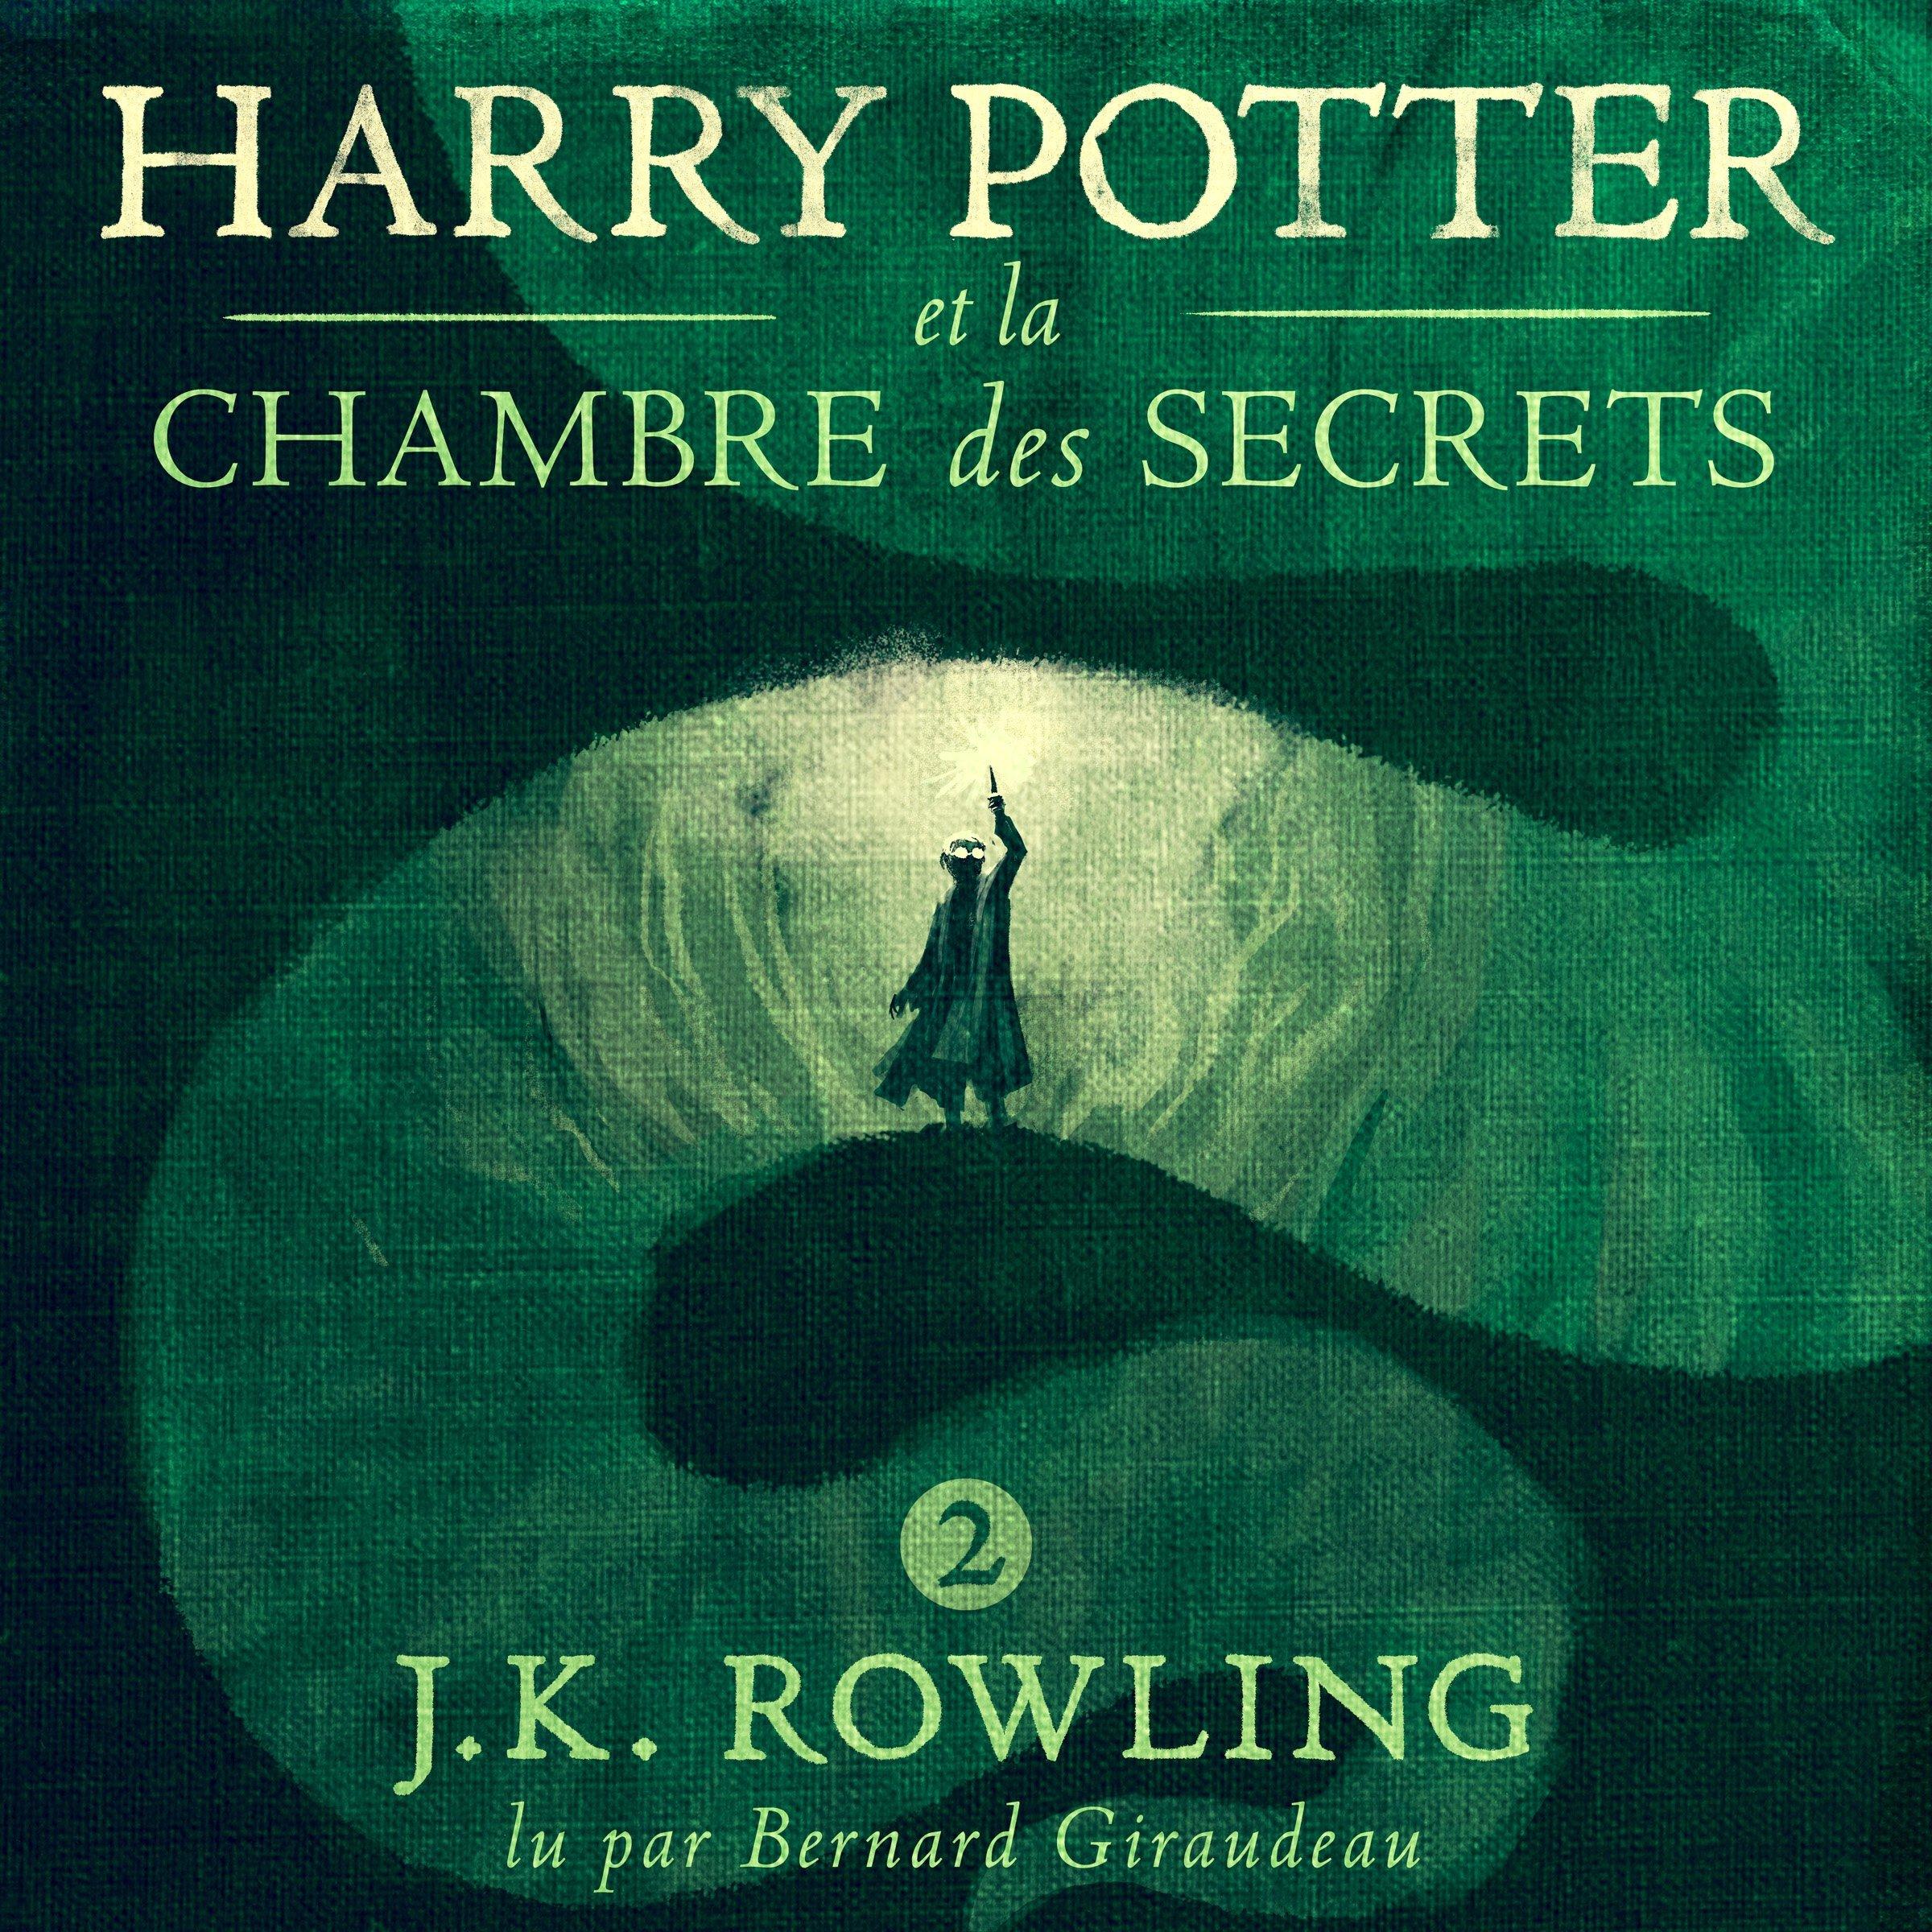 Harry Potter et la Chambre des Secrets: Harry Potter 2